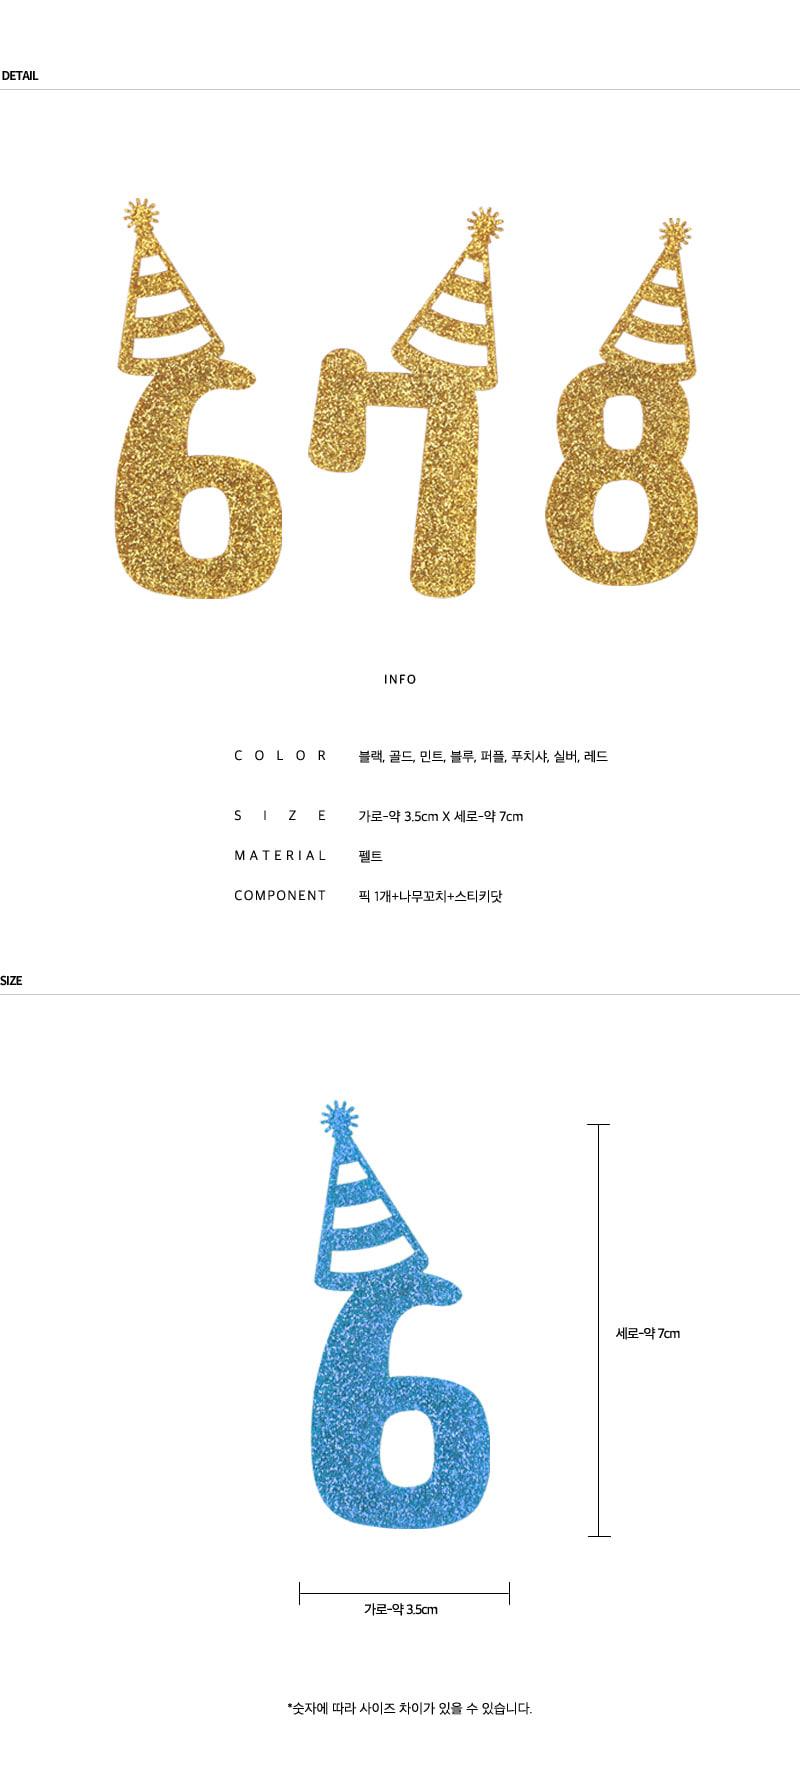 글리터 데코픽 (숫자) 생일고깔 - 파티해, 850원, 파티용품, 커플/고백/결혼 세트